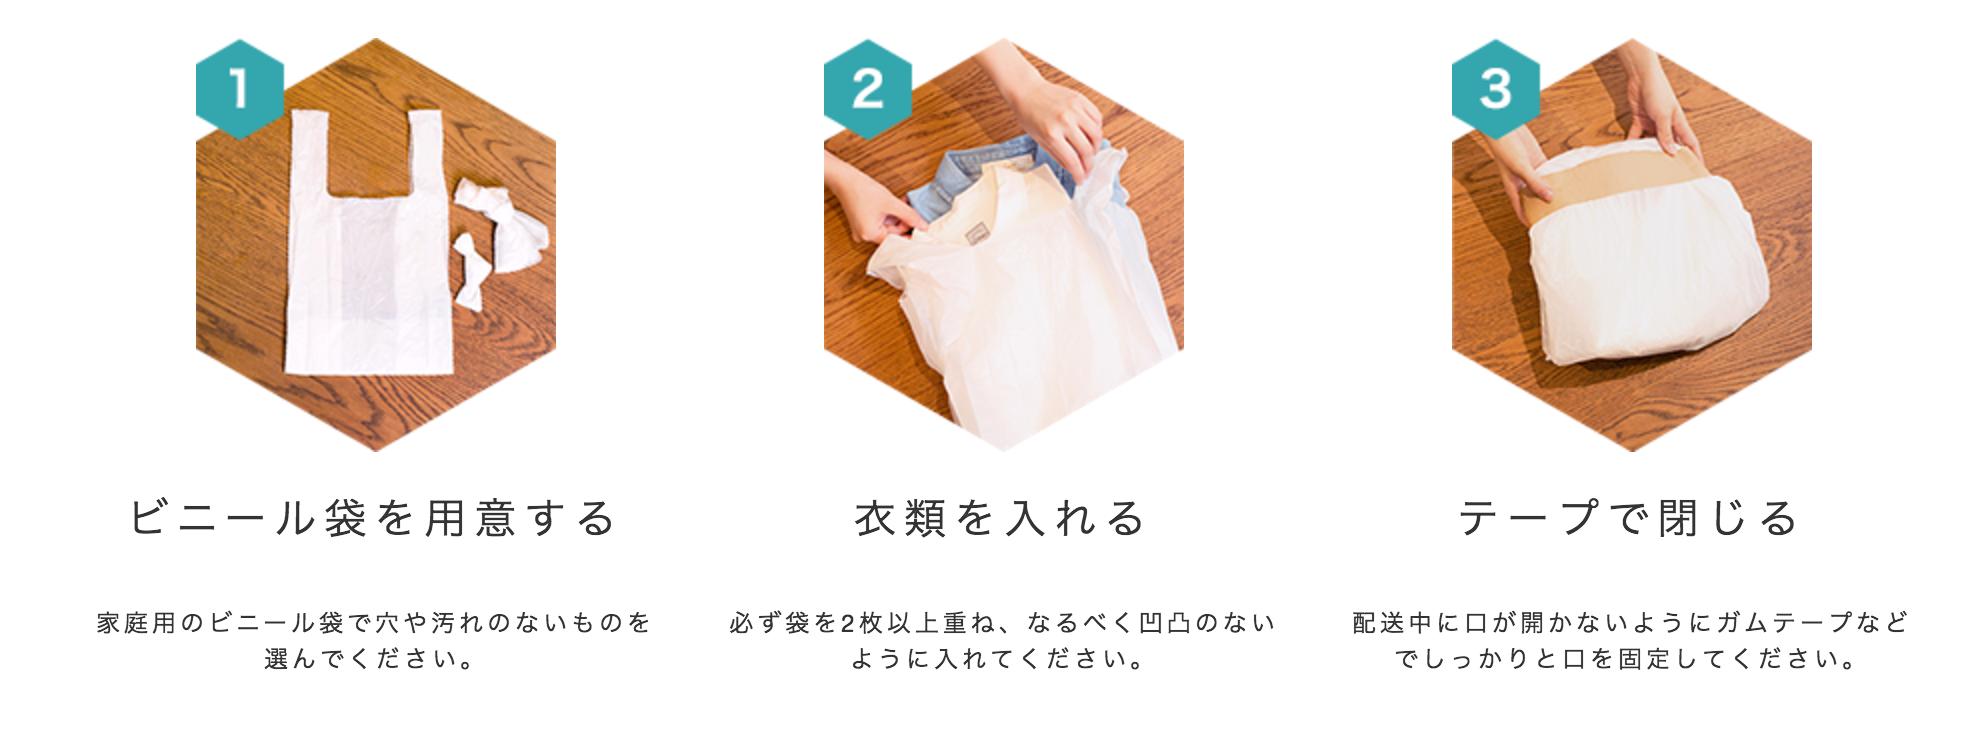 ビニール袋で梱包する方法